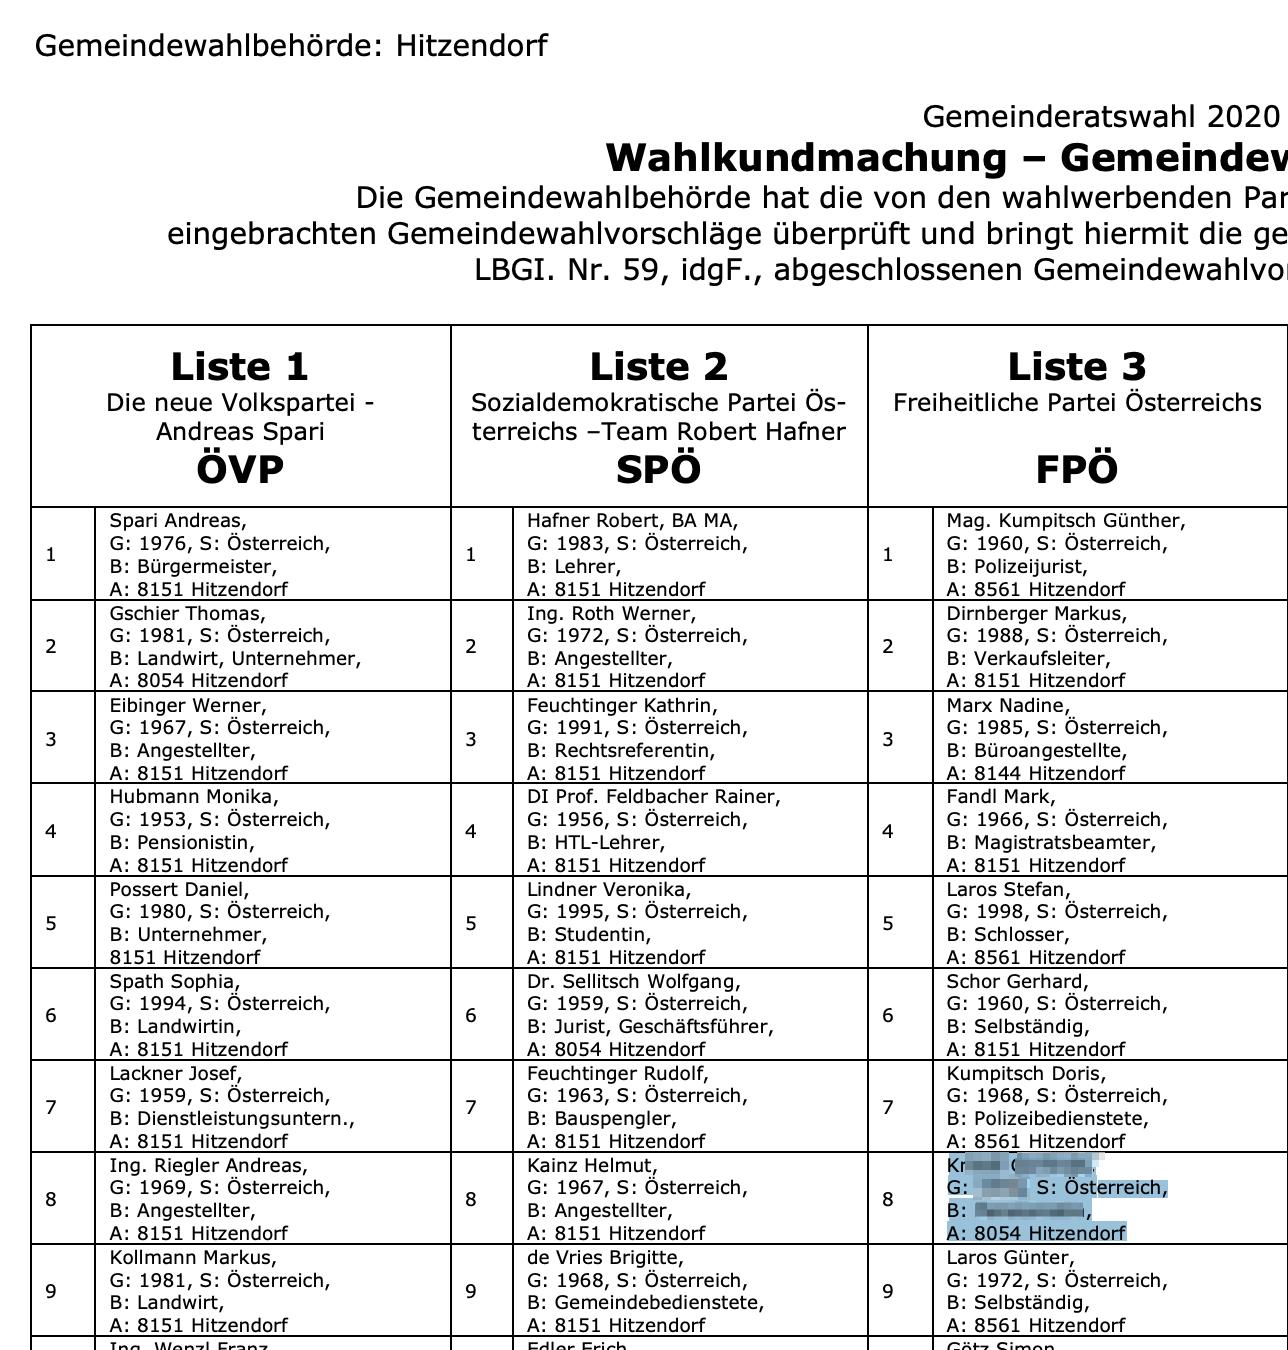 K. FPÖ-Kandidatin für den Gemeinderat auf Platz 8